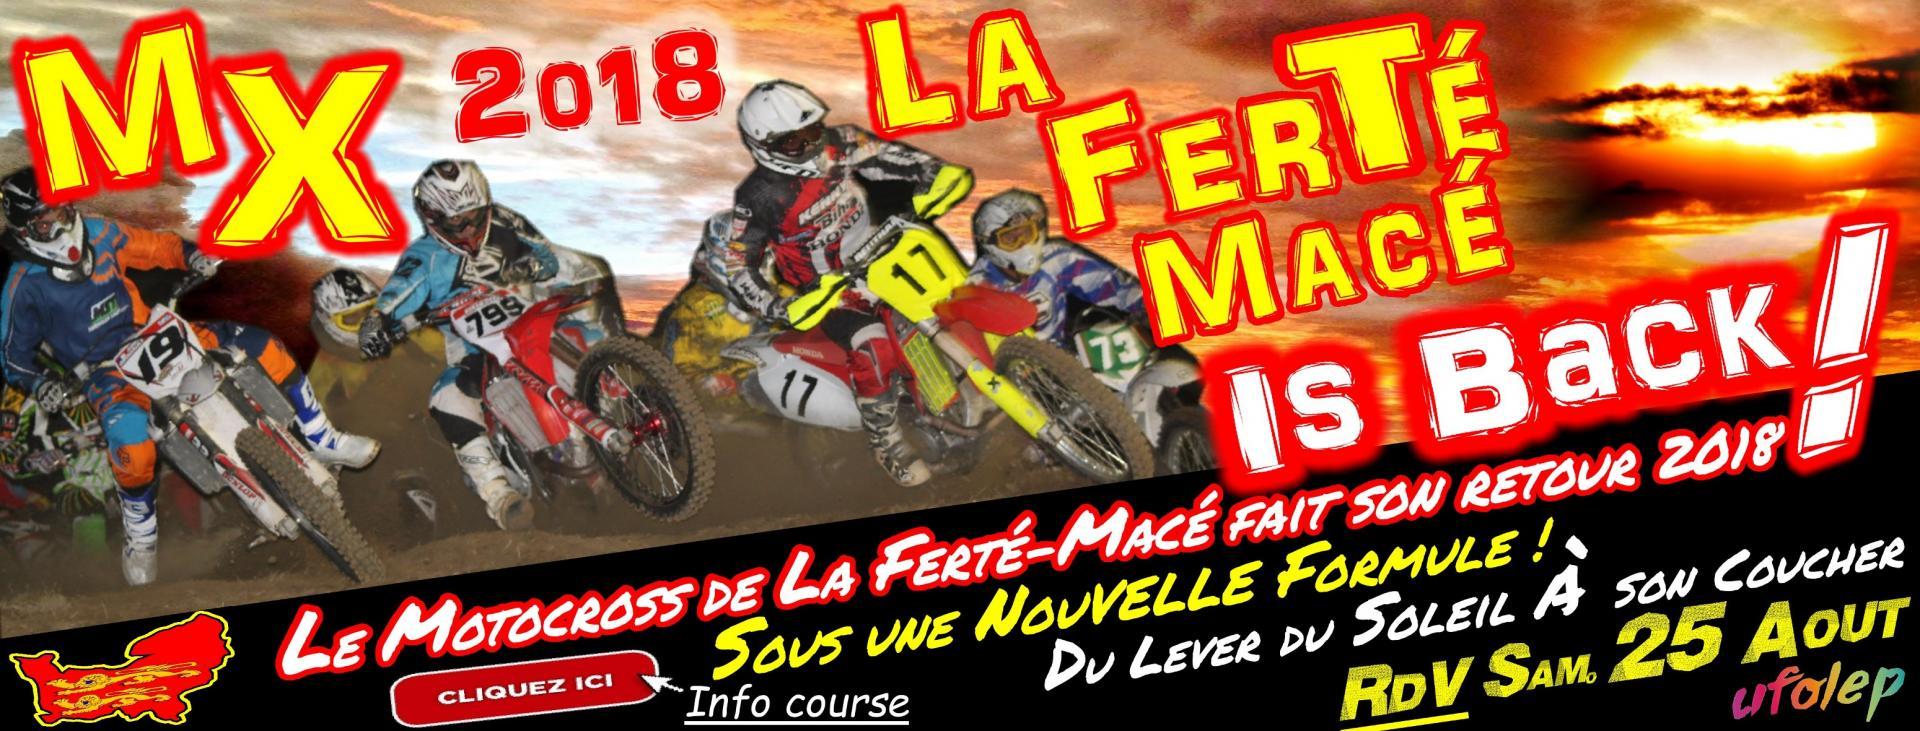 Banniere Motocross La Ferté-Macé 2018